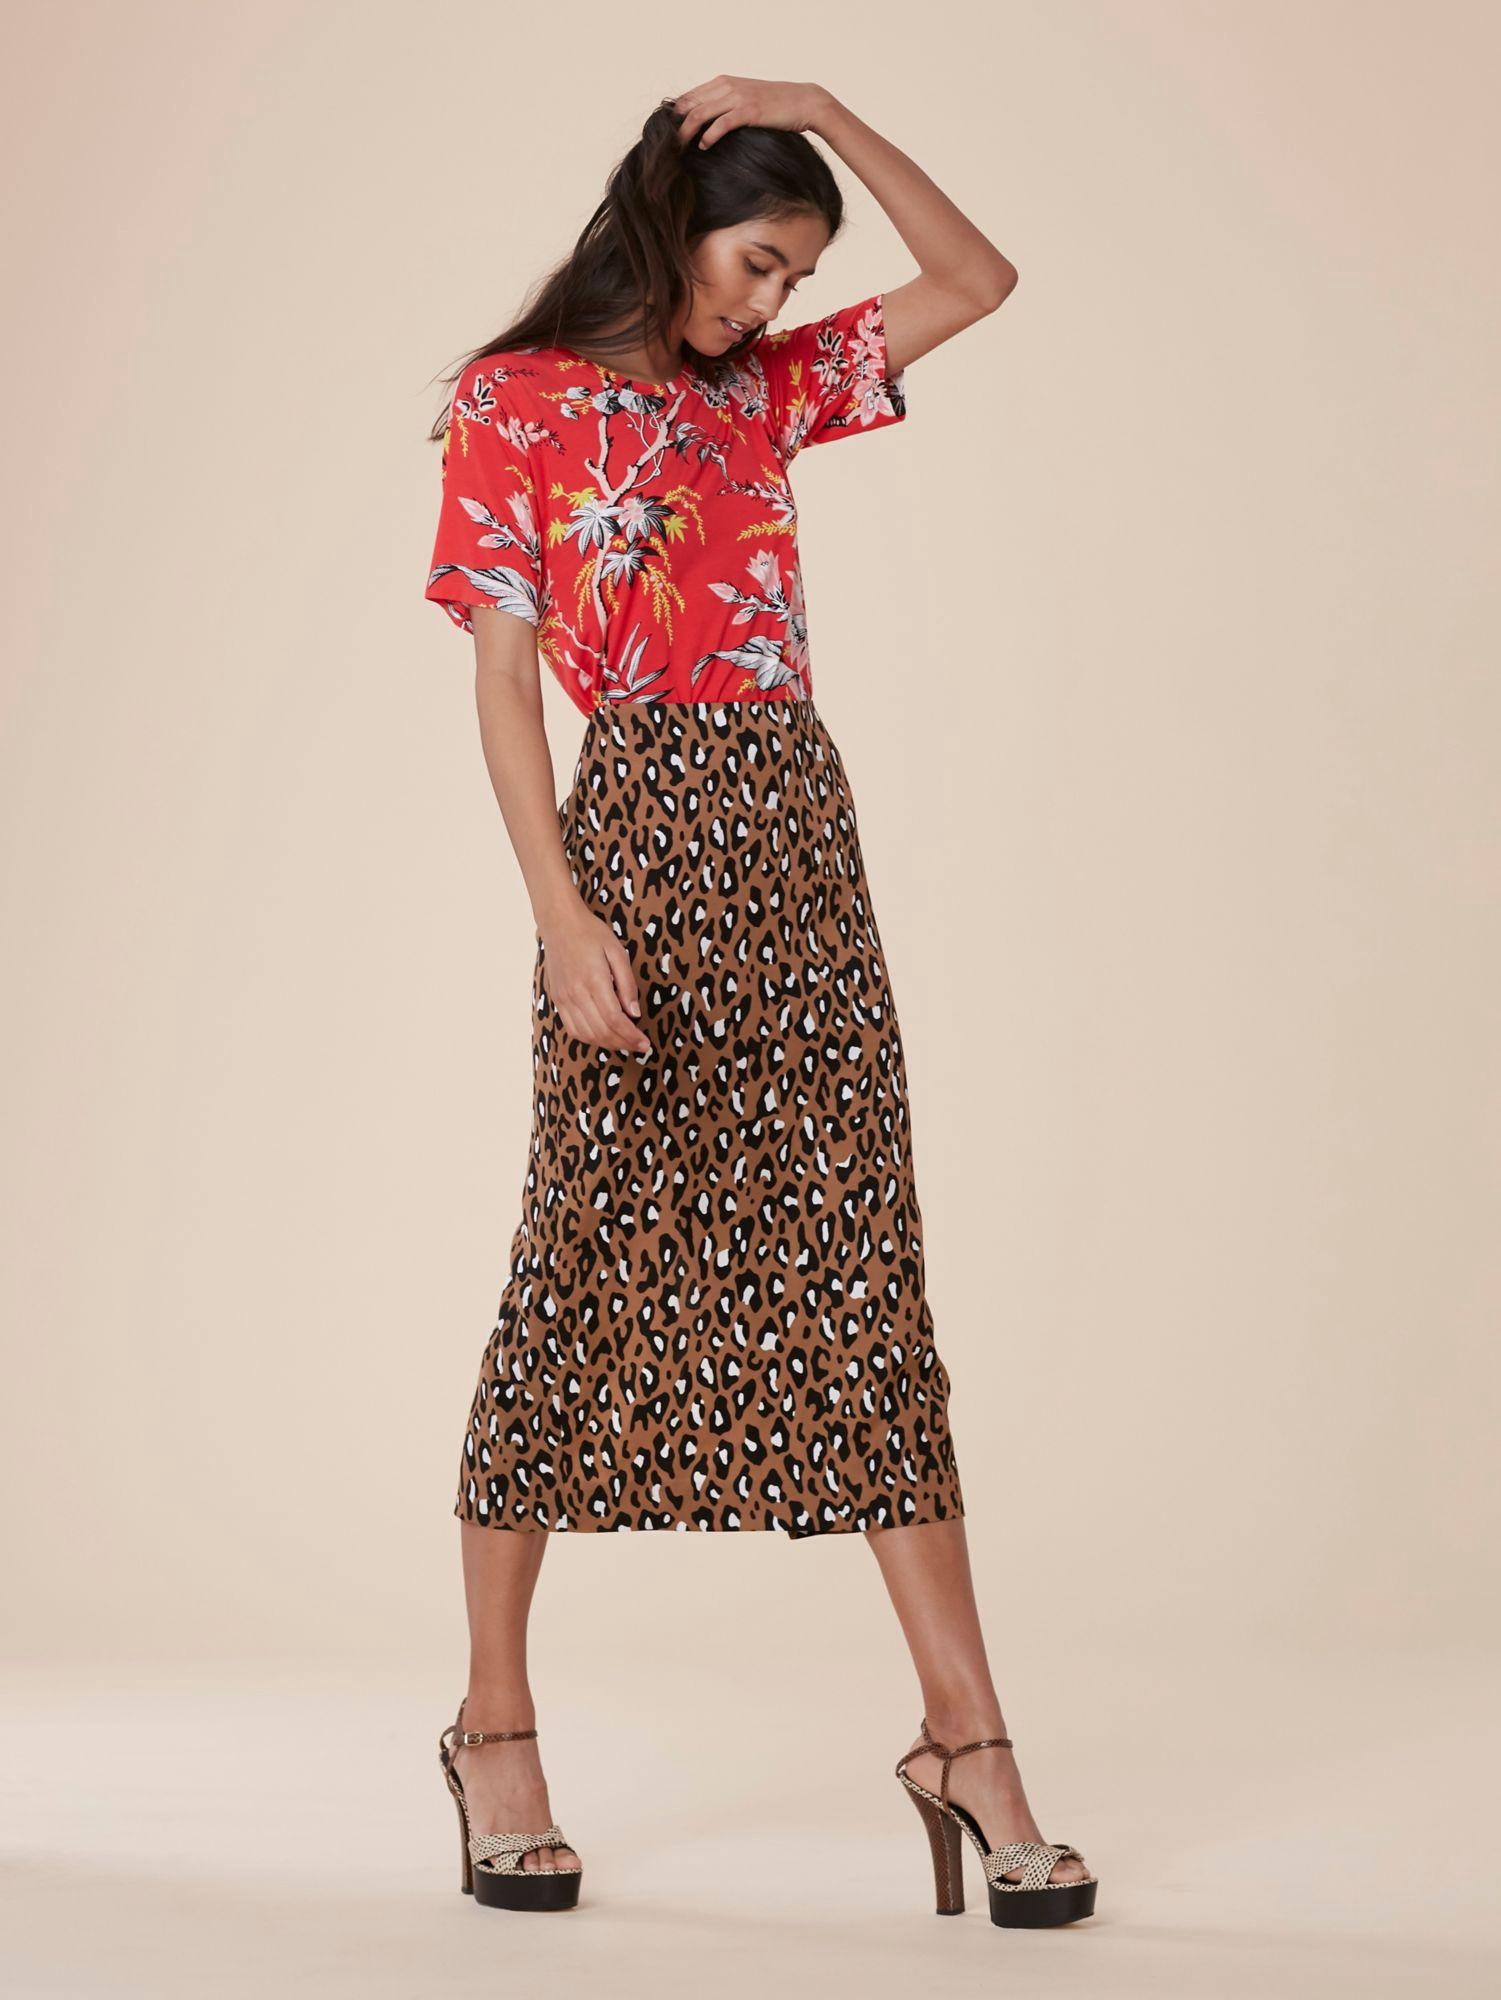 38c512a880 Diane Von Furstenberg Dvf Tailored Midi Pencil Skirt - Hewes Pearl ...